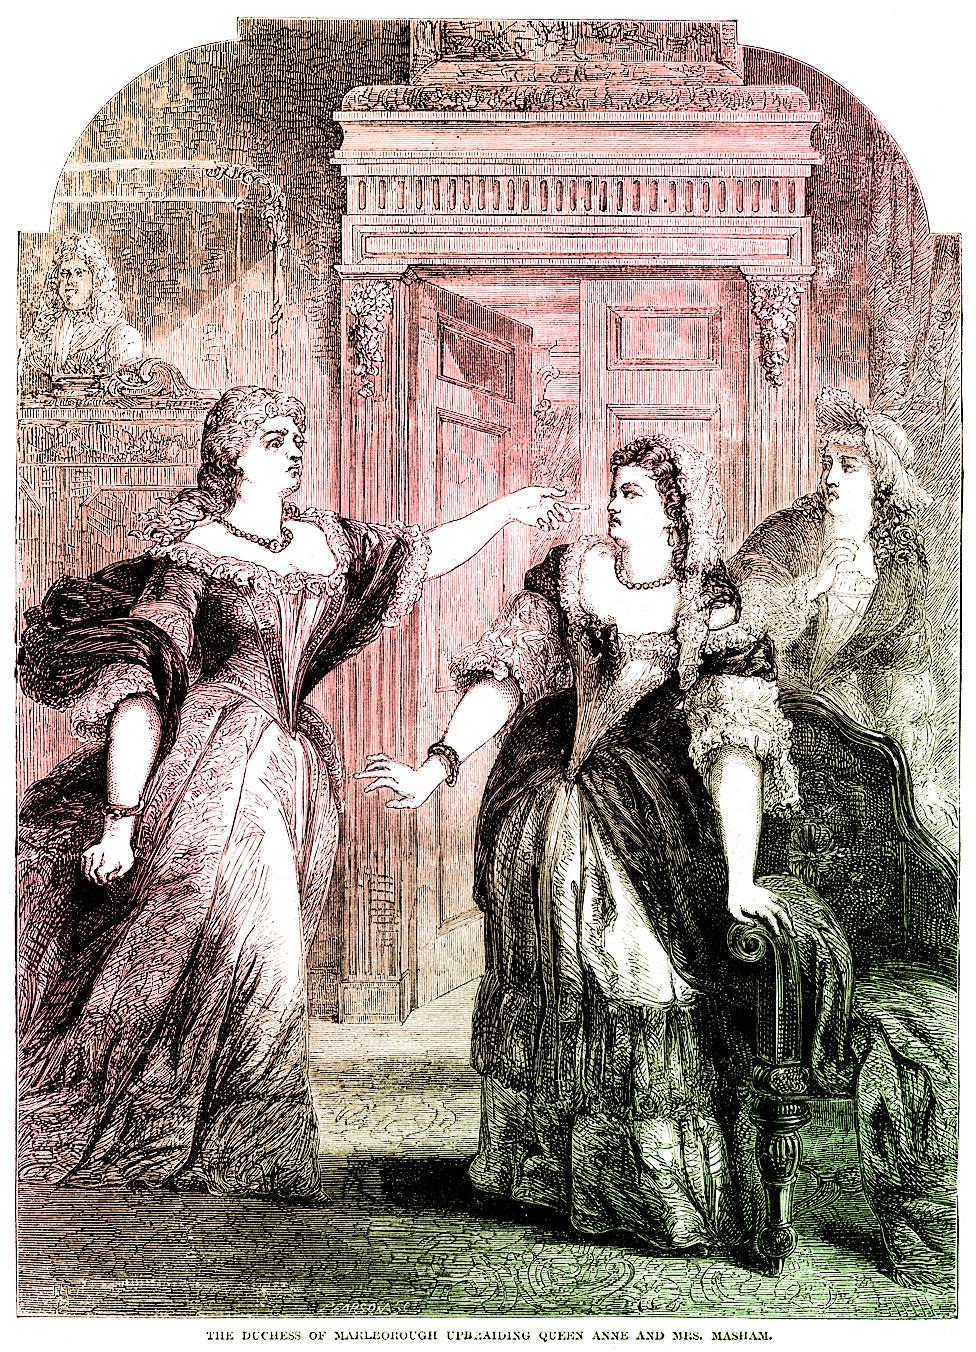 La duquesa de Marlborough reprendiendo a la reina Ana y a Abigail Masham en una ilustración de 1753.